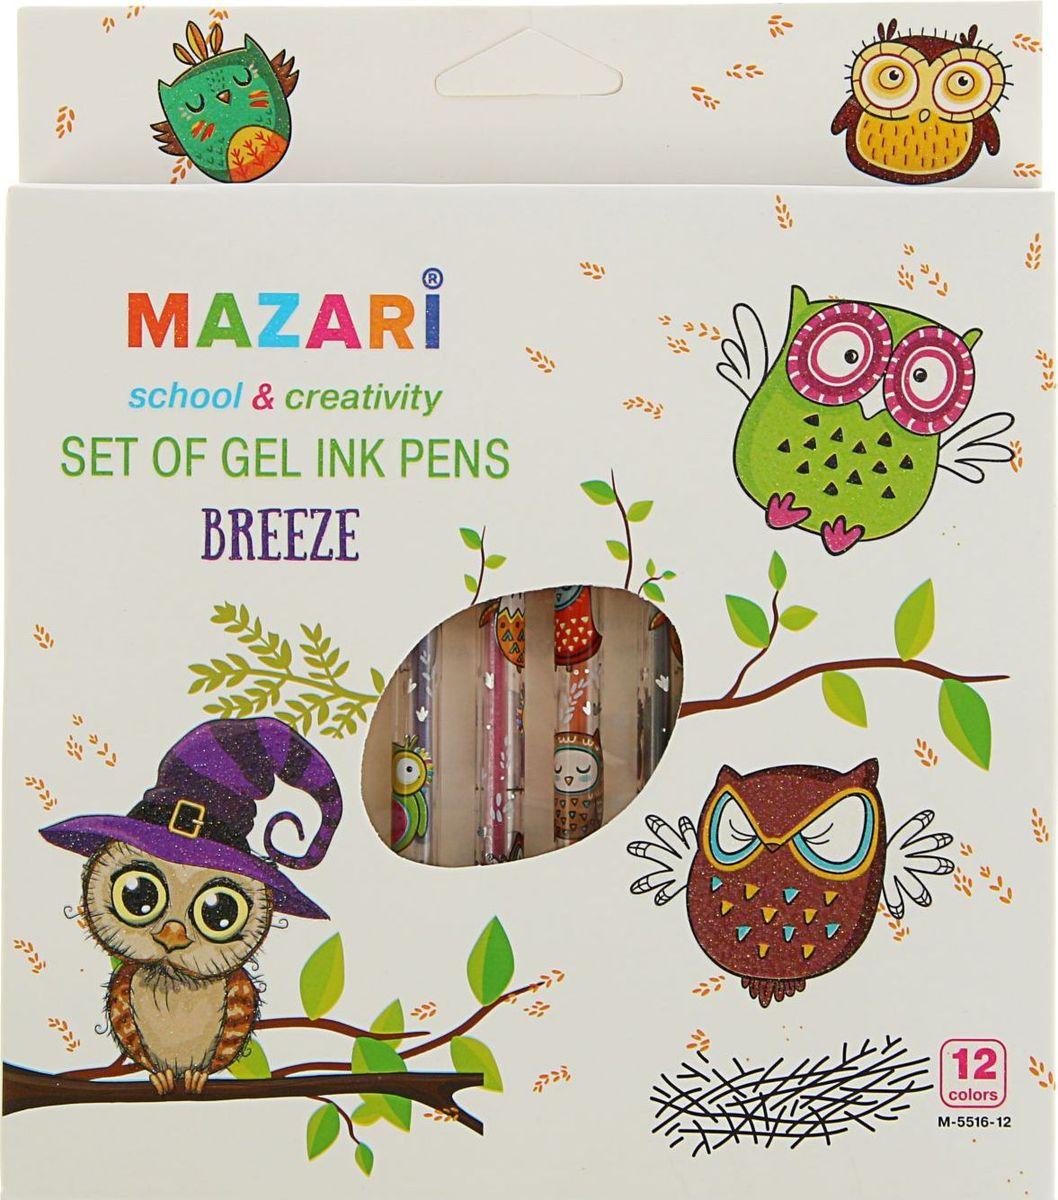 Mazari Набор гелевых ручек Breeze 12 цветов mazari набор гелевых ручек orion 4 цвета